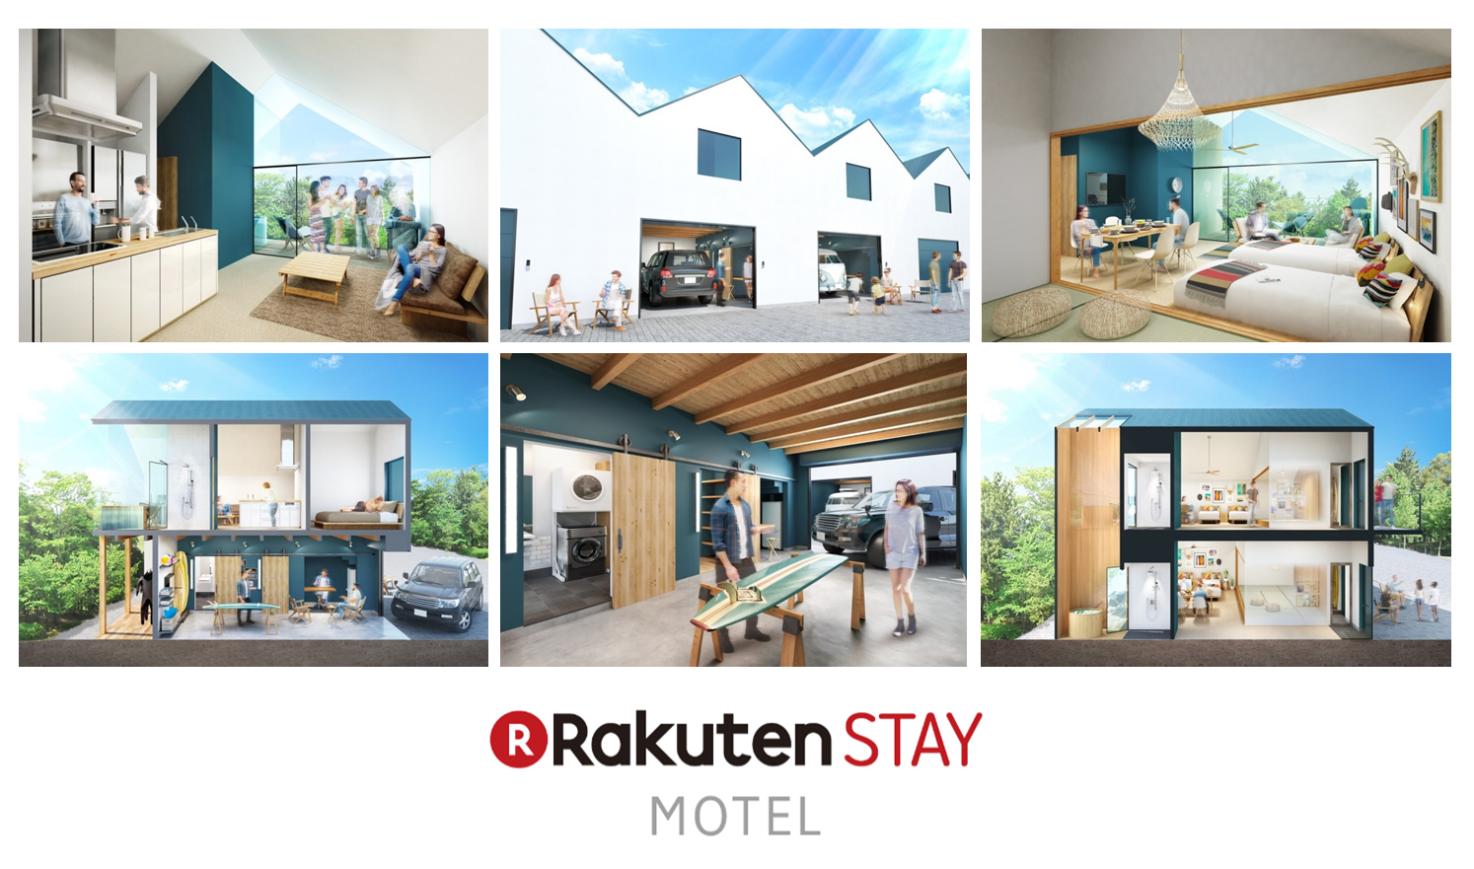 楽天LIFULL STAYと東京アライブエステート、「Rakuten STAY MOTEL」の販売における業務提携に合意。